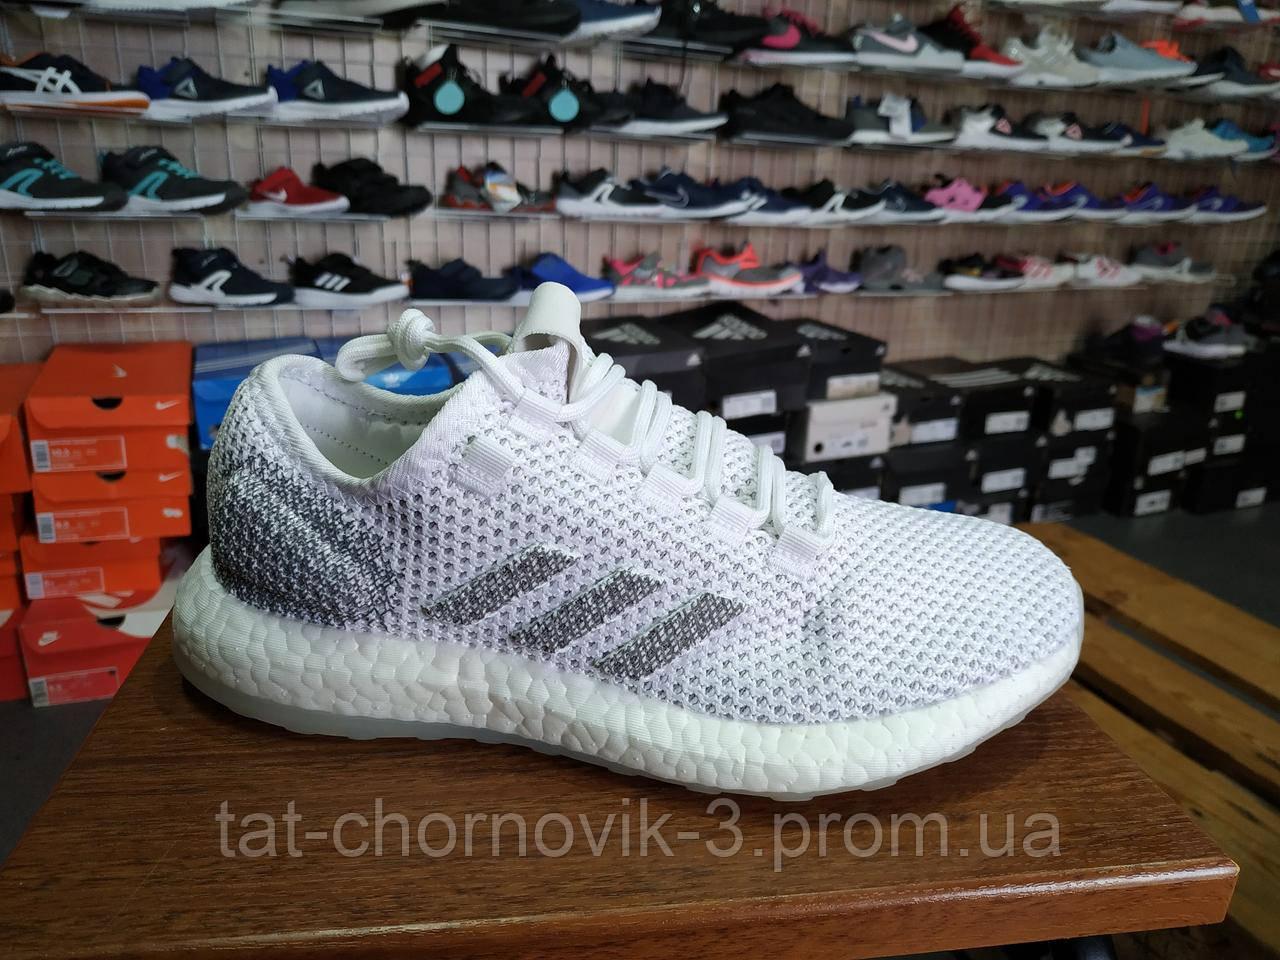 Adidas PureBoost Clima CC 'White Grey' G27832 Оригинальные кроссовки для бега  и фитнеса